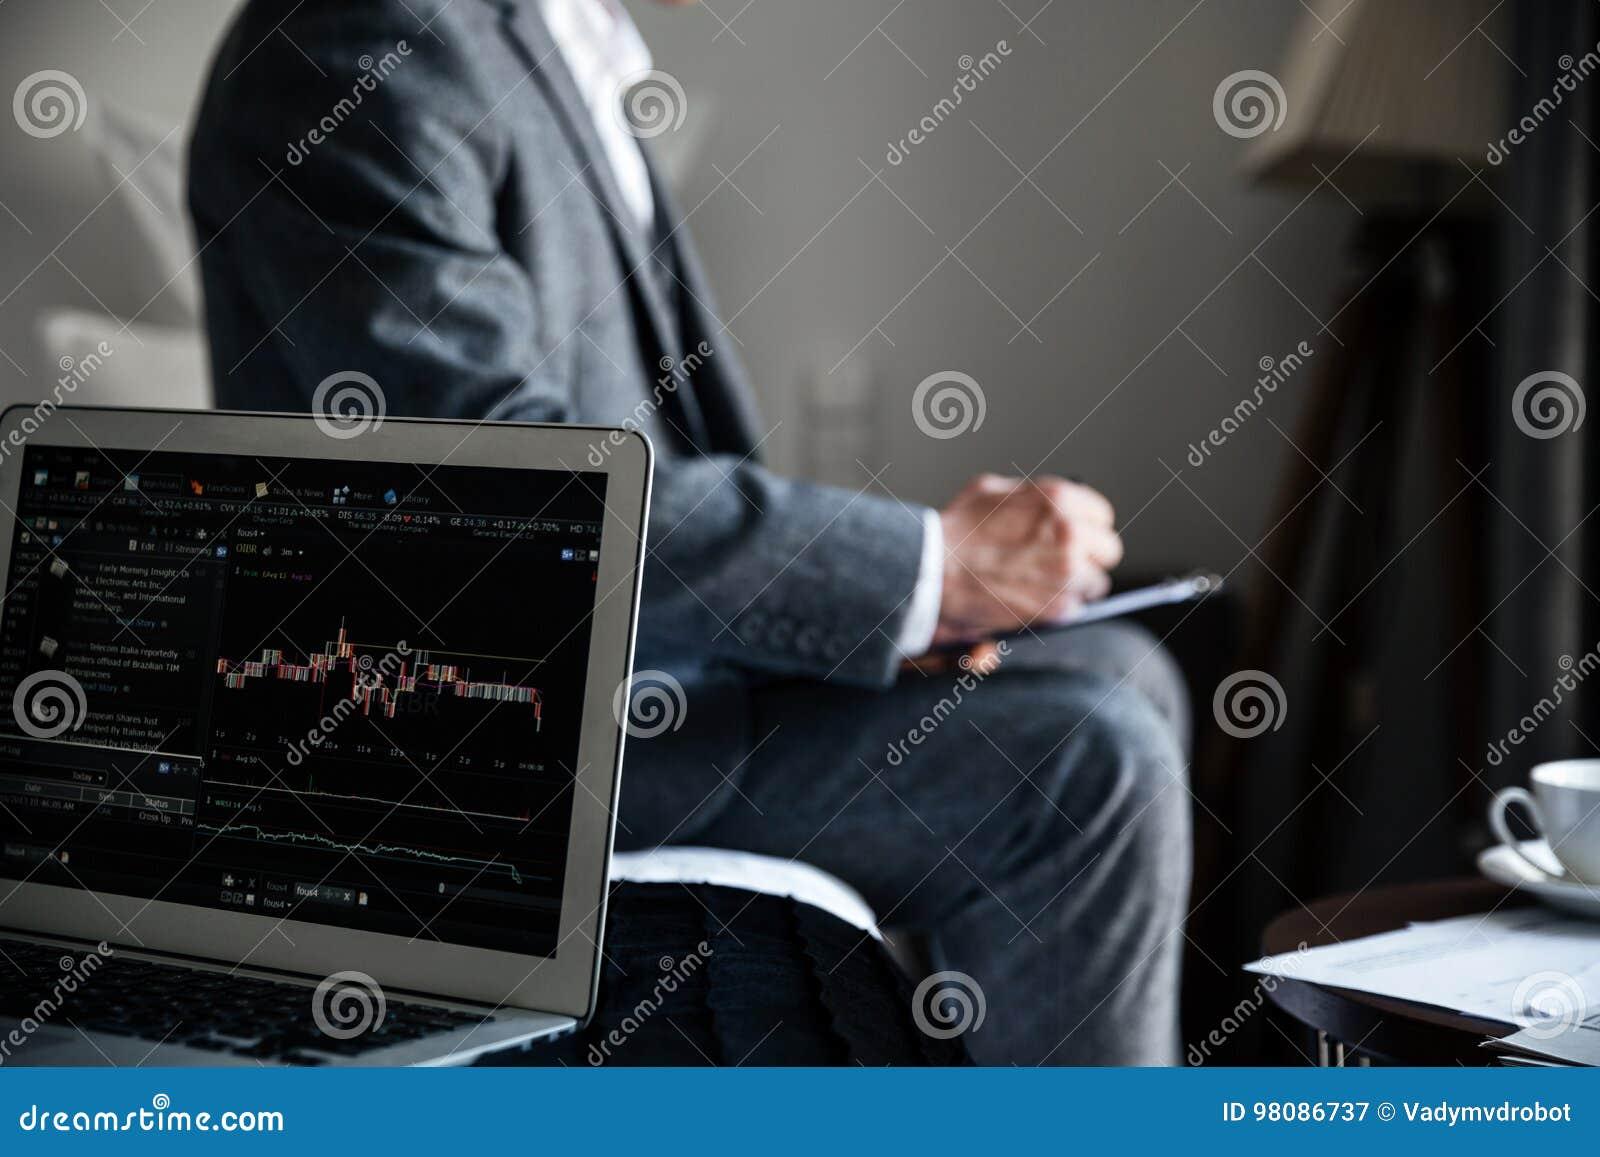 Geerntetes Bild eines Geschäftsmannes, der einige Dokumente wiederholt